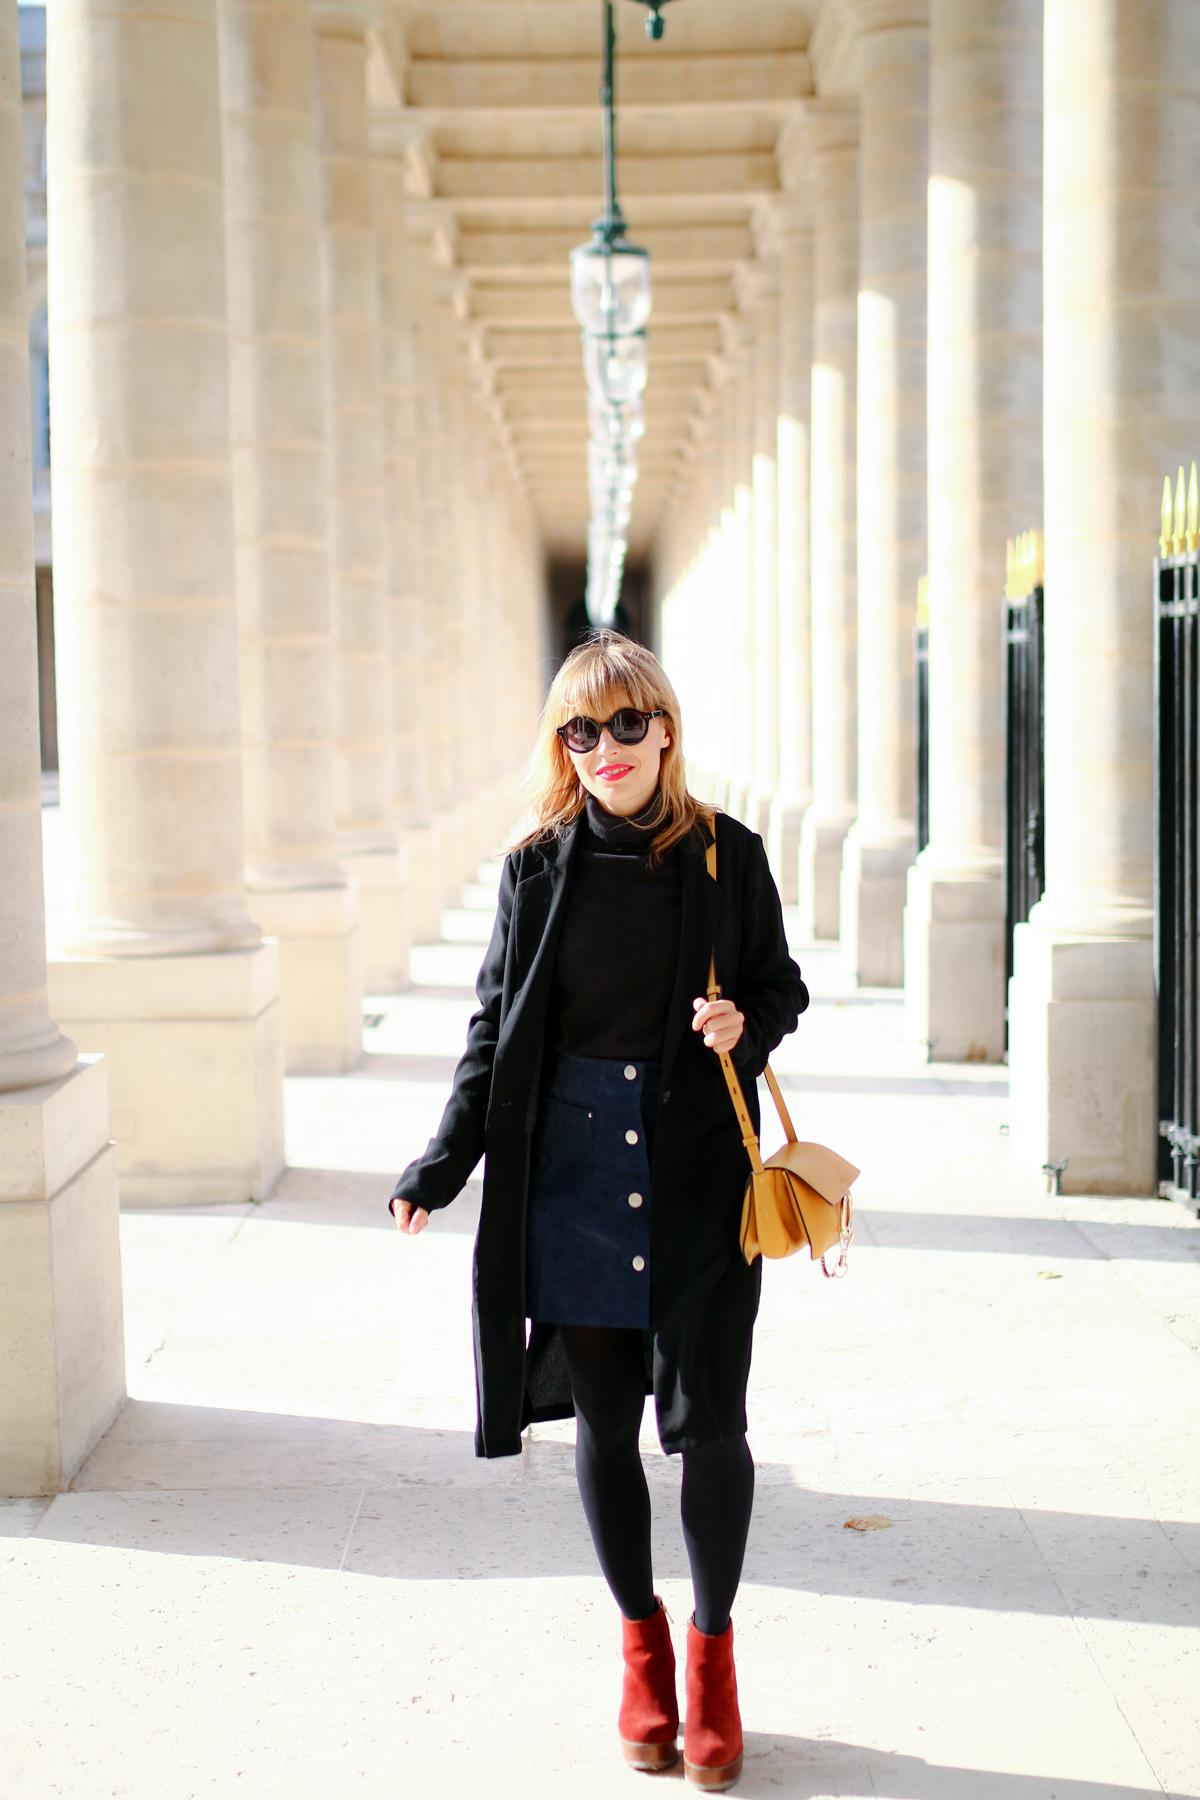 Look Paris jupe en daim et pull col roulé  I Sp4nkblog-6